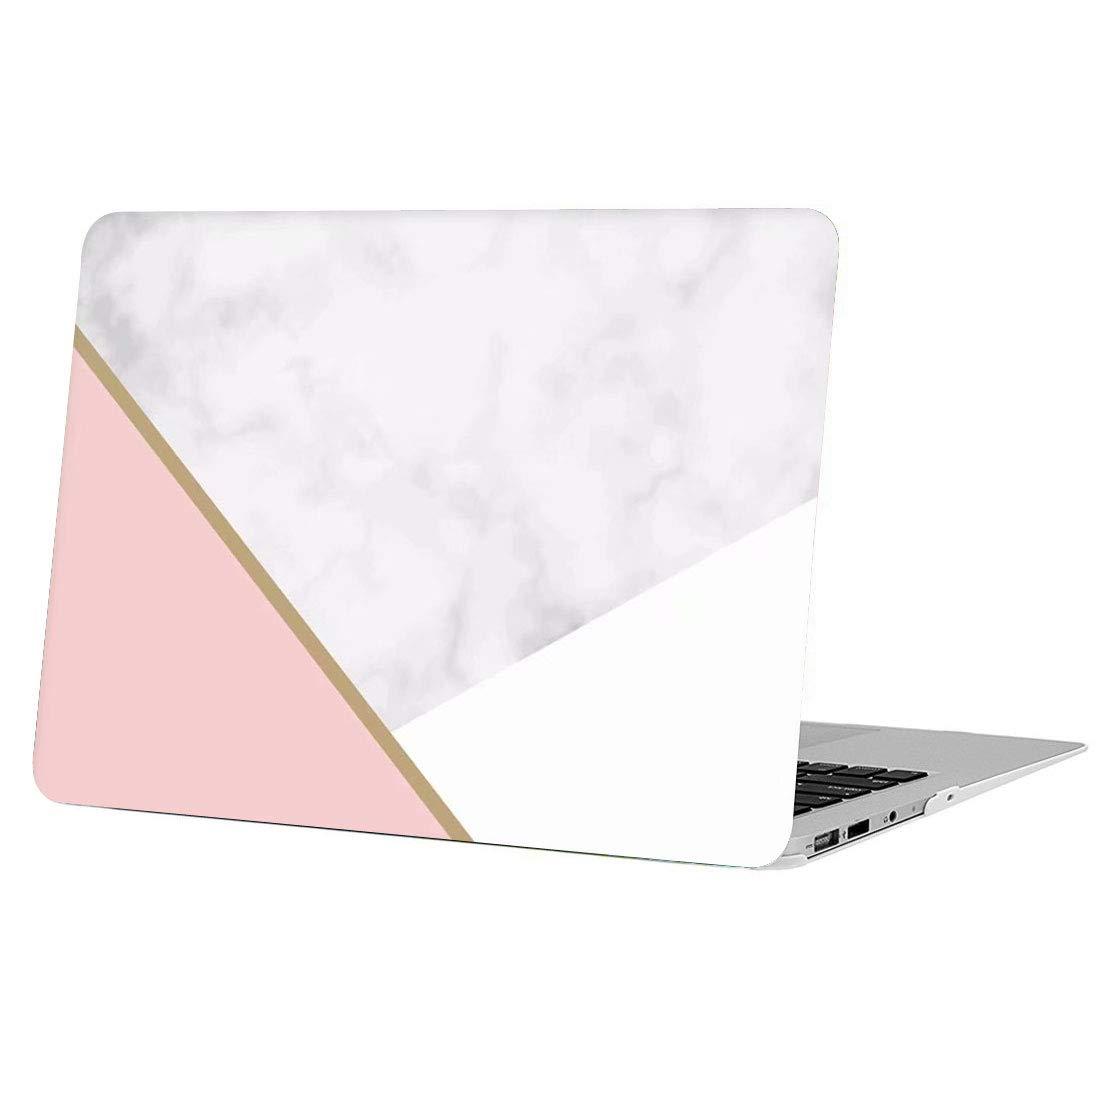 MacBook Air 13 Inch Case, Funut Matte Rubber Coated